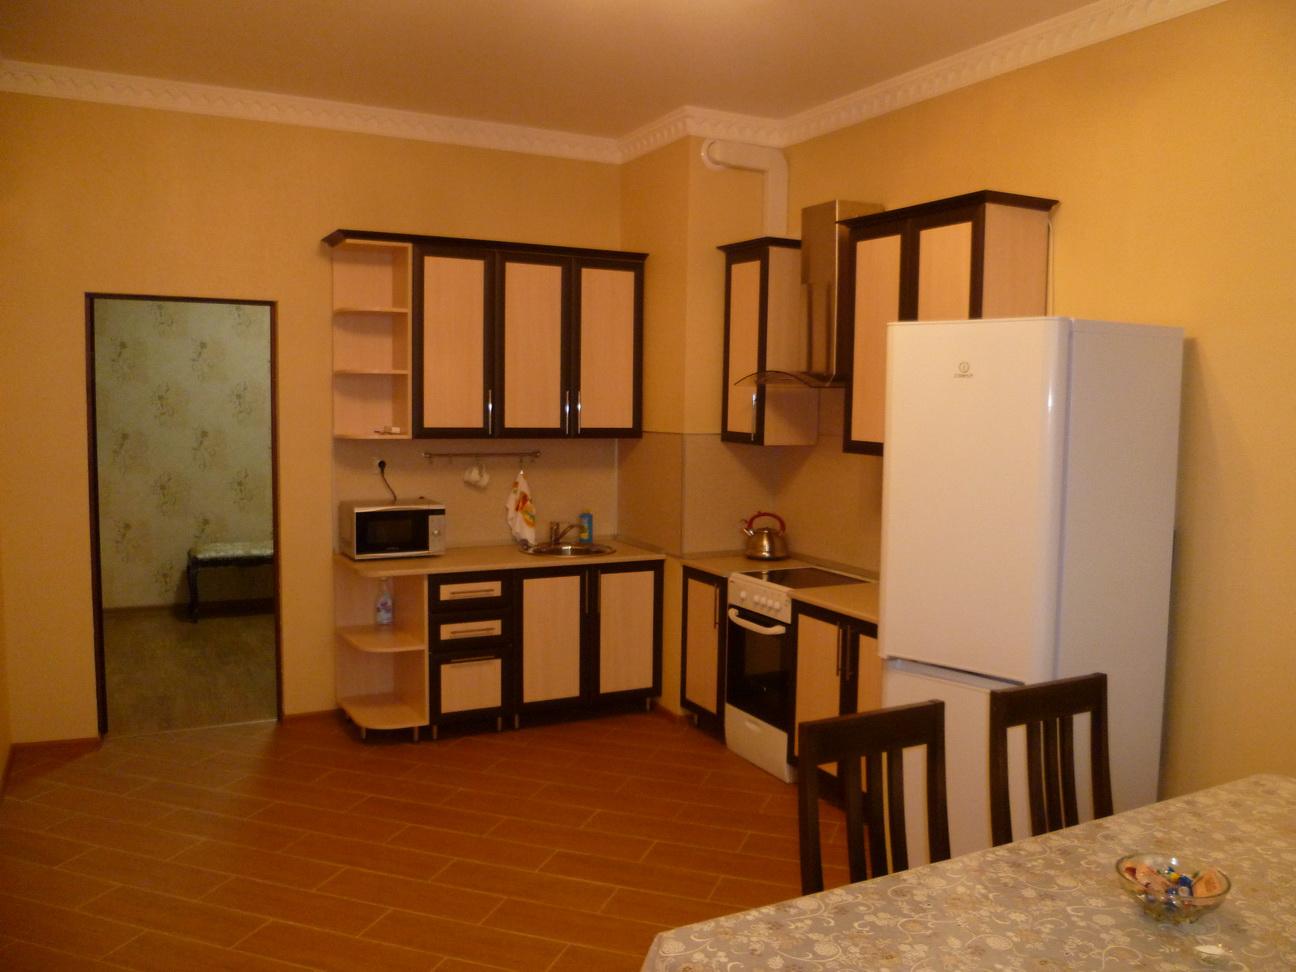 Продается элитная 2-комнатная квартира в Курортном районе города Ессентуки, ул. Новопятигорская 1, с евро ремонтом